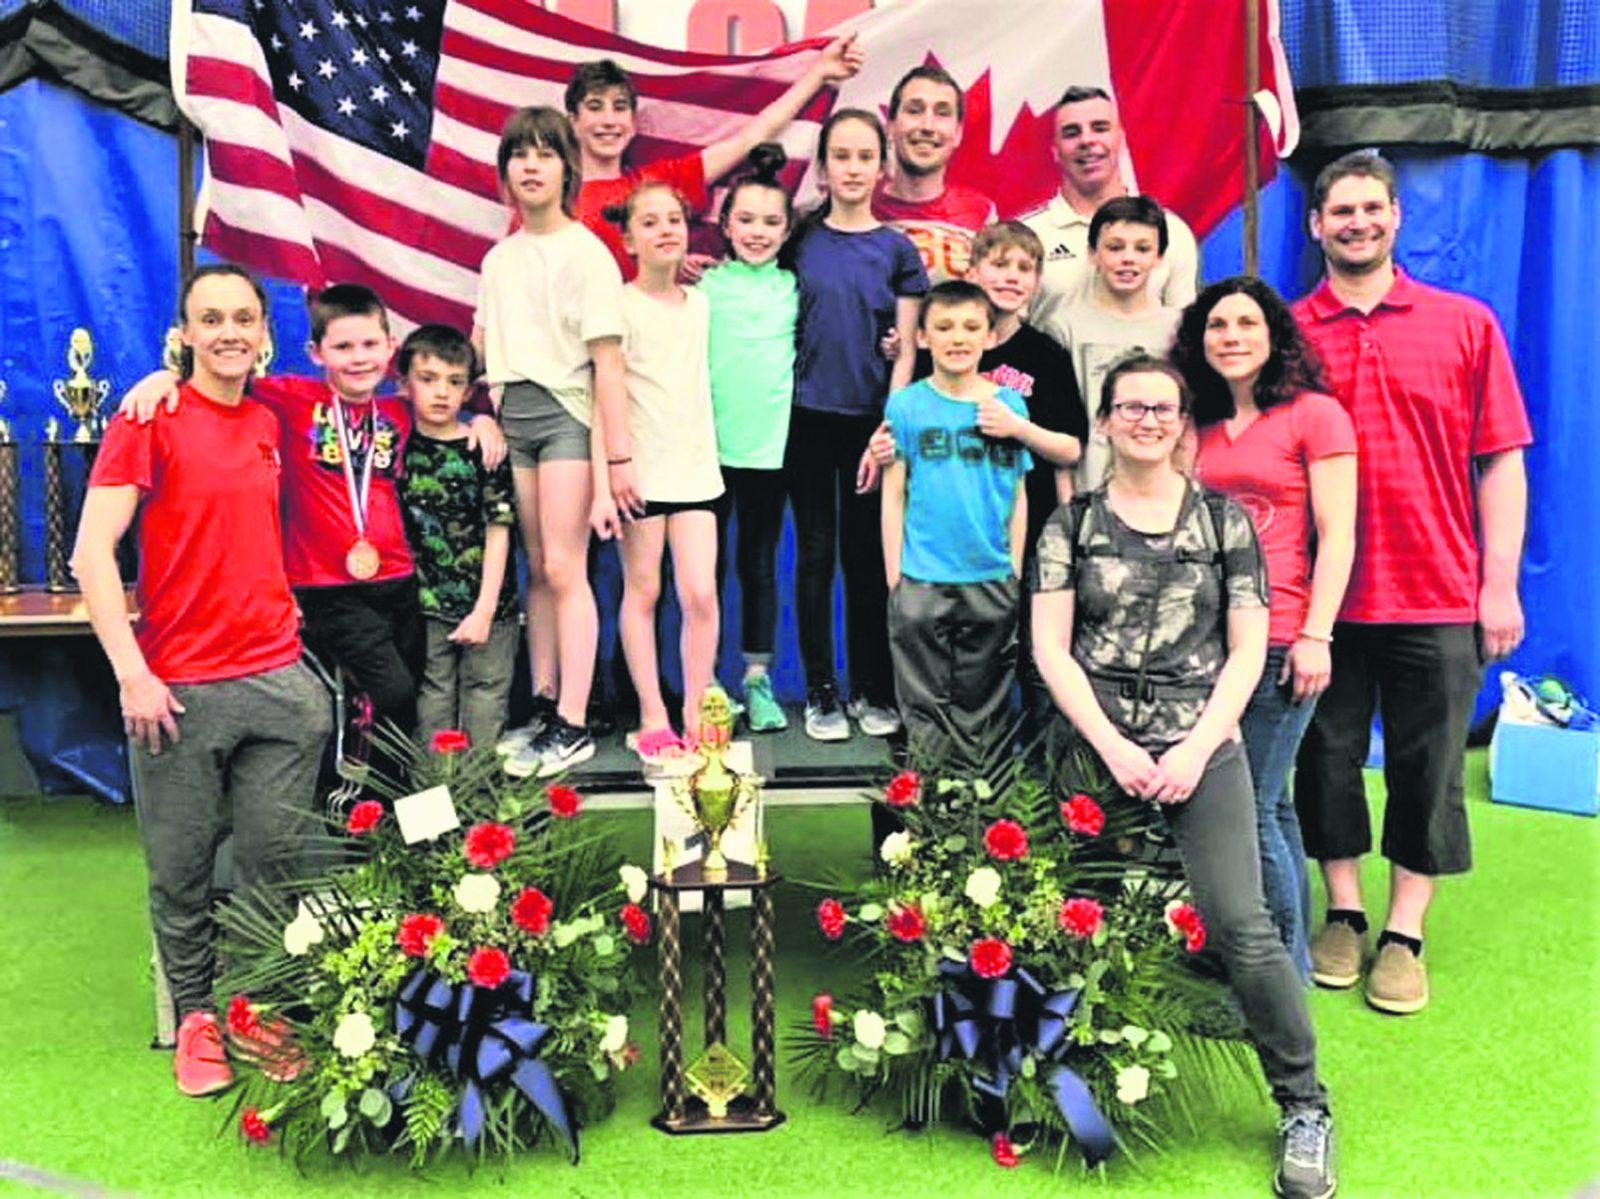 Défi international de judo à Buffalo – Trois familles vivent l'aventure de la compétition Am-Can